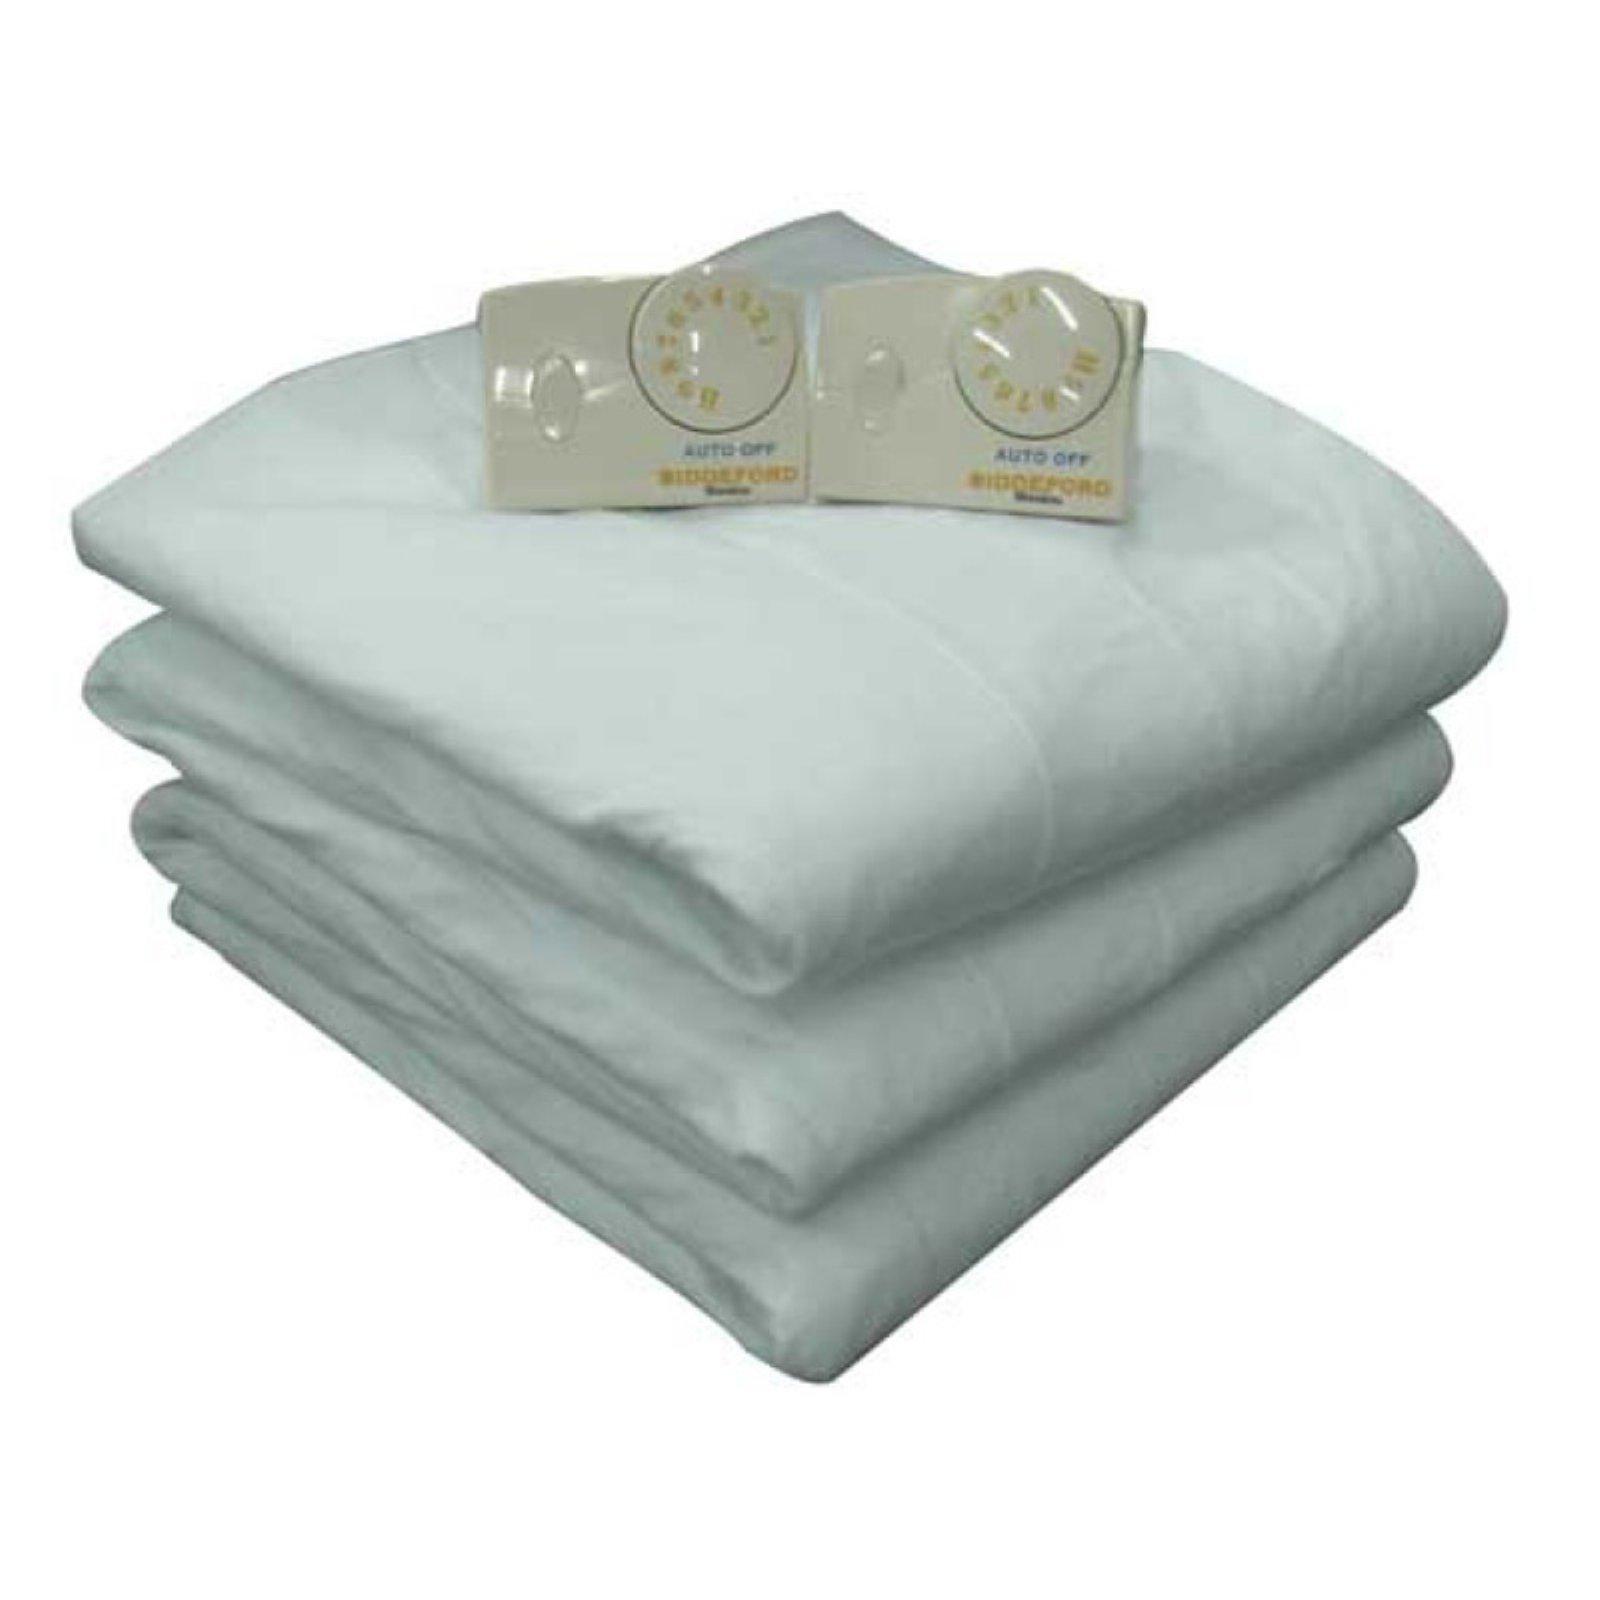 Biddeford Blankets Electric Heated Mattress Pad Walmart Com